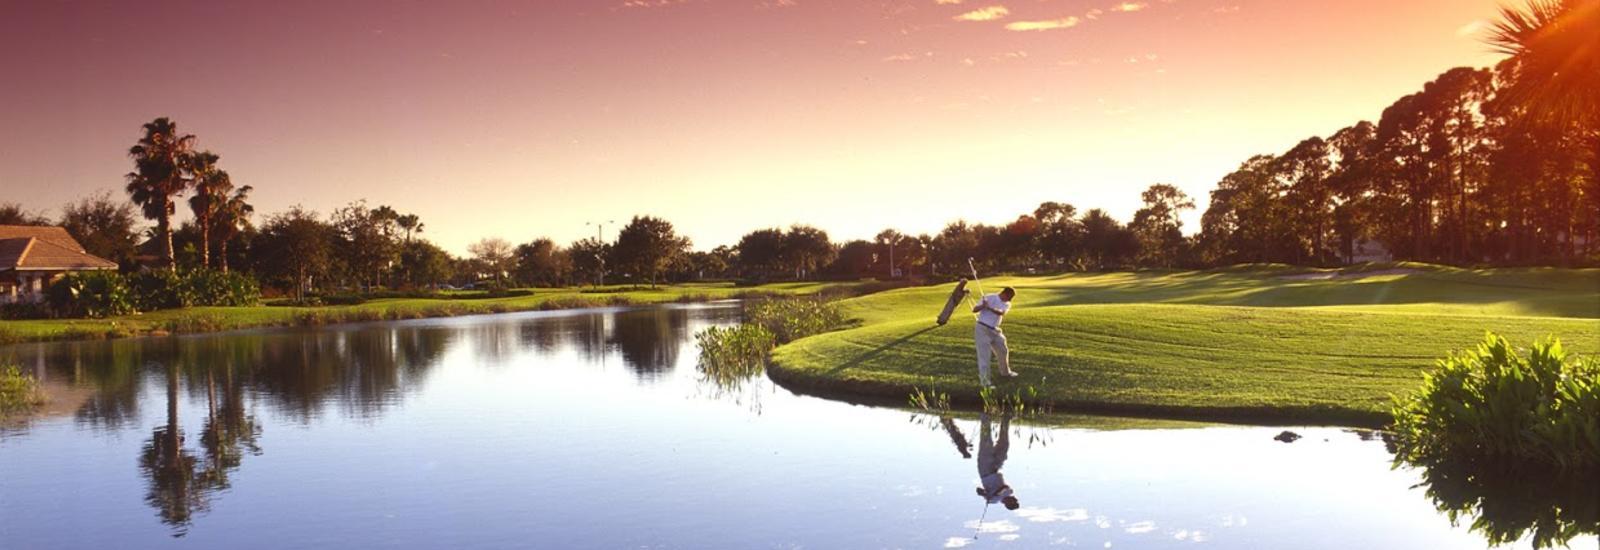 Golf in Punta Gorda/Englewood Beach